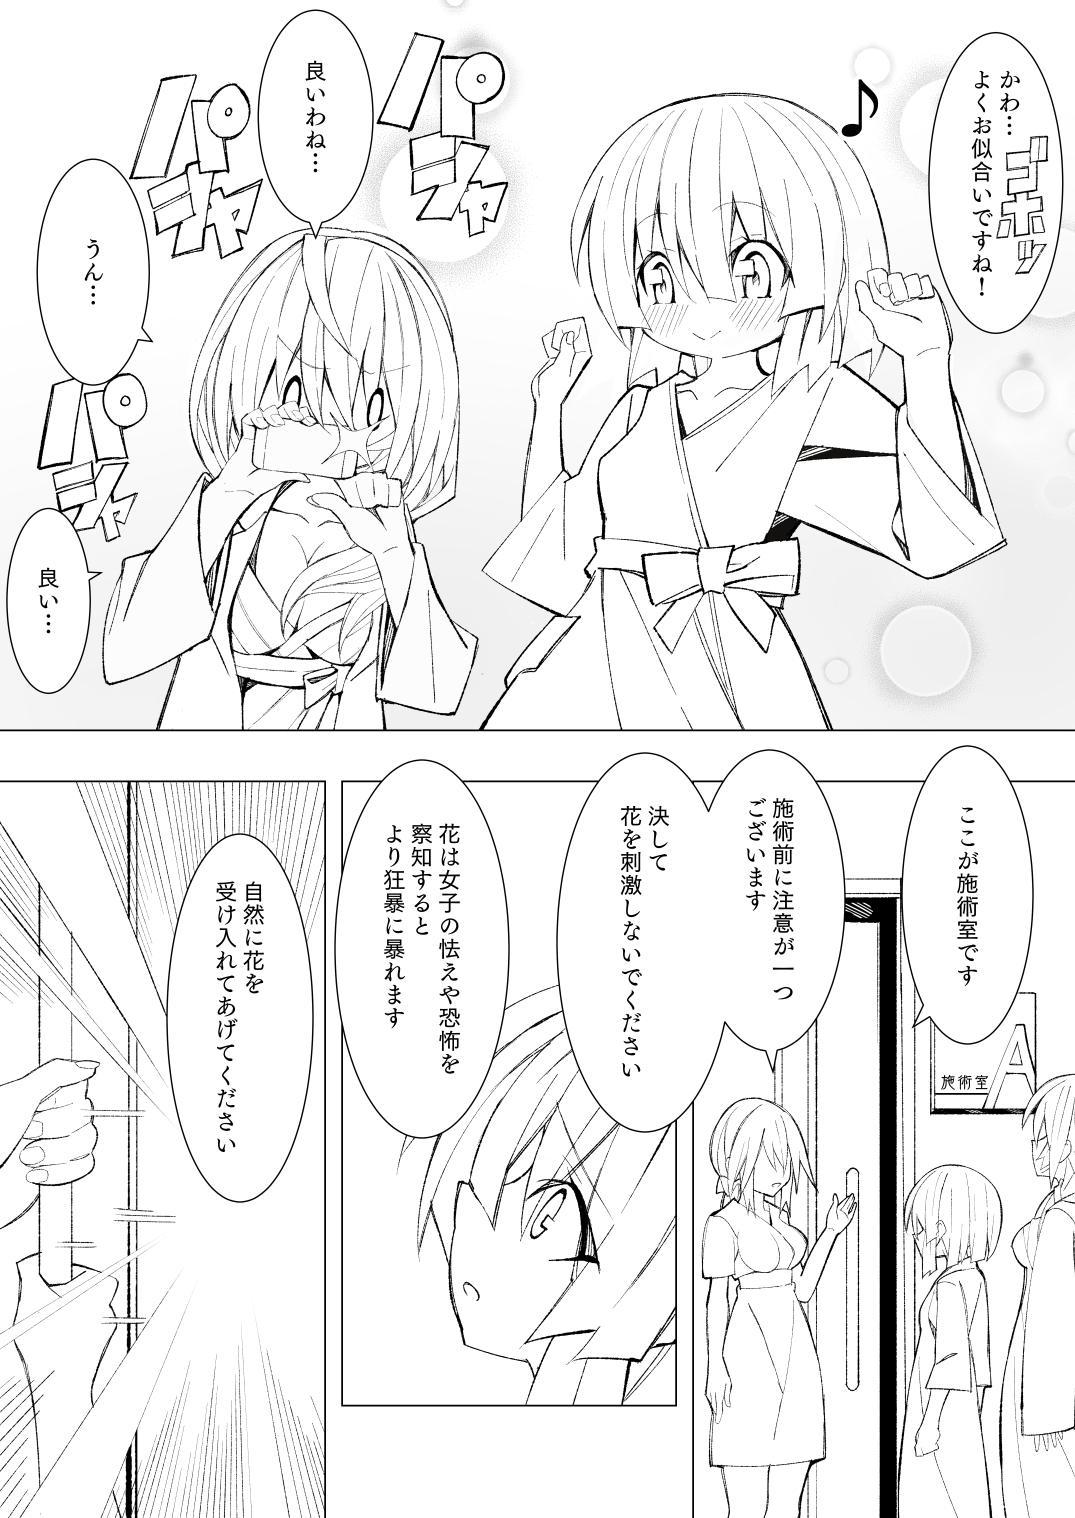 Ishu kan fūzoku-gai3 shokubutsu shokushu × rori 11